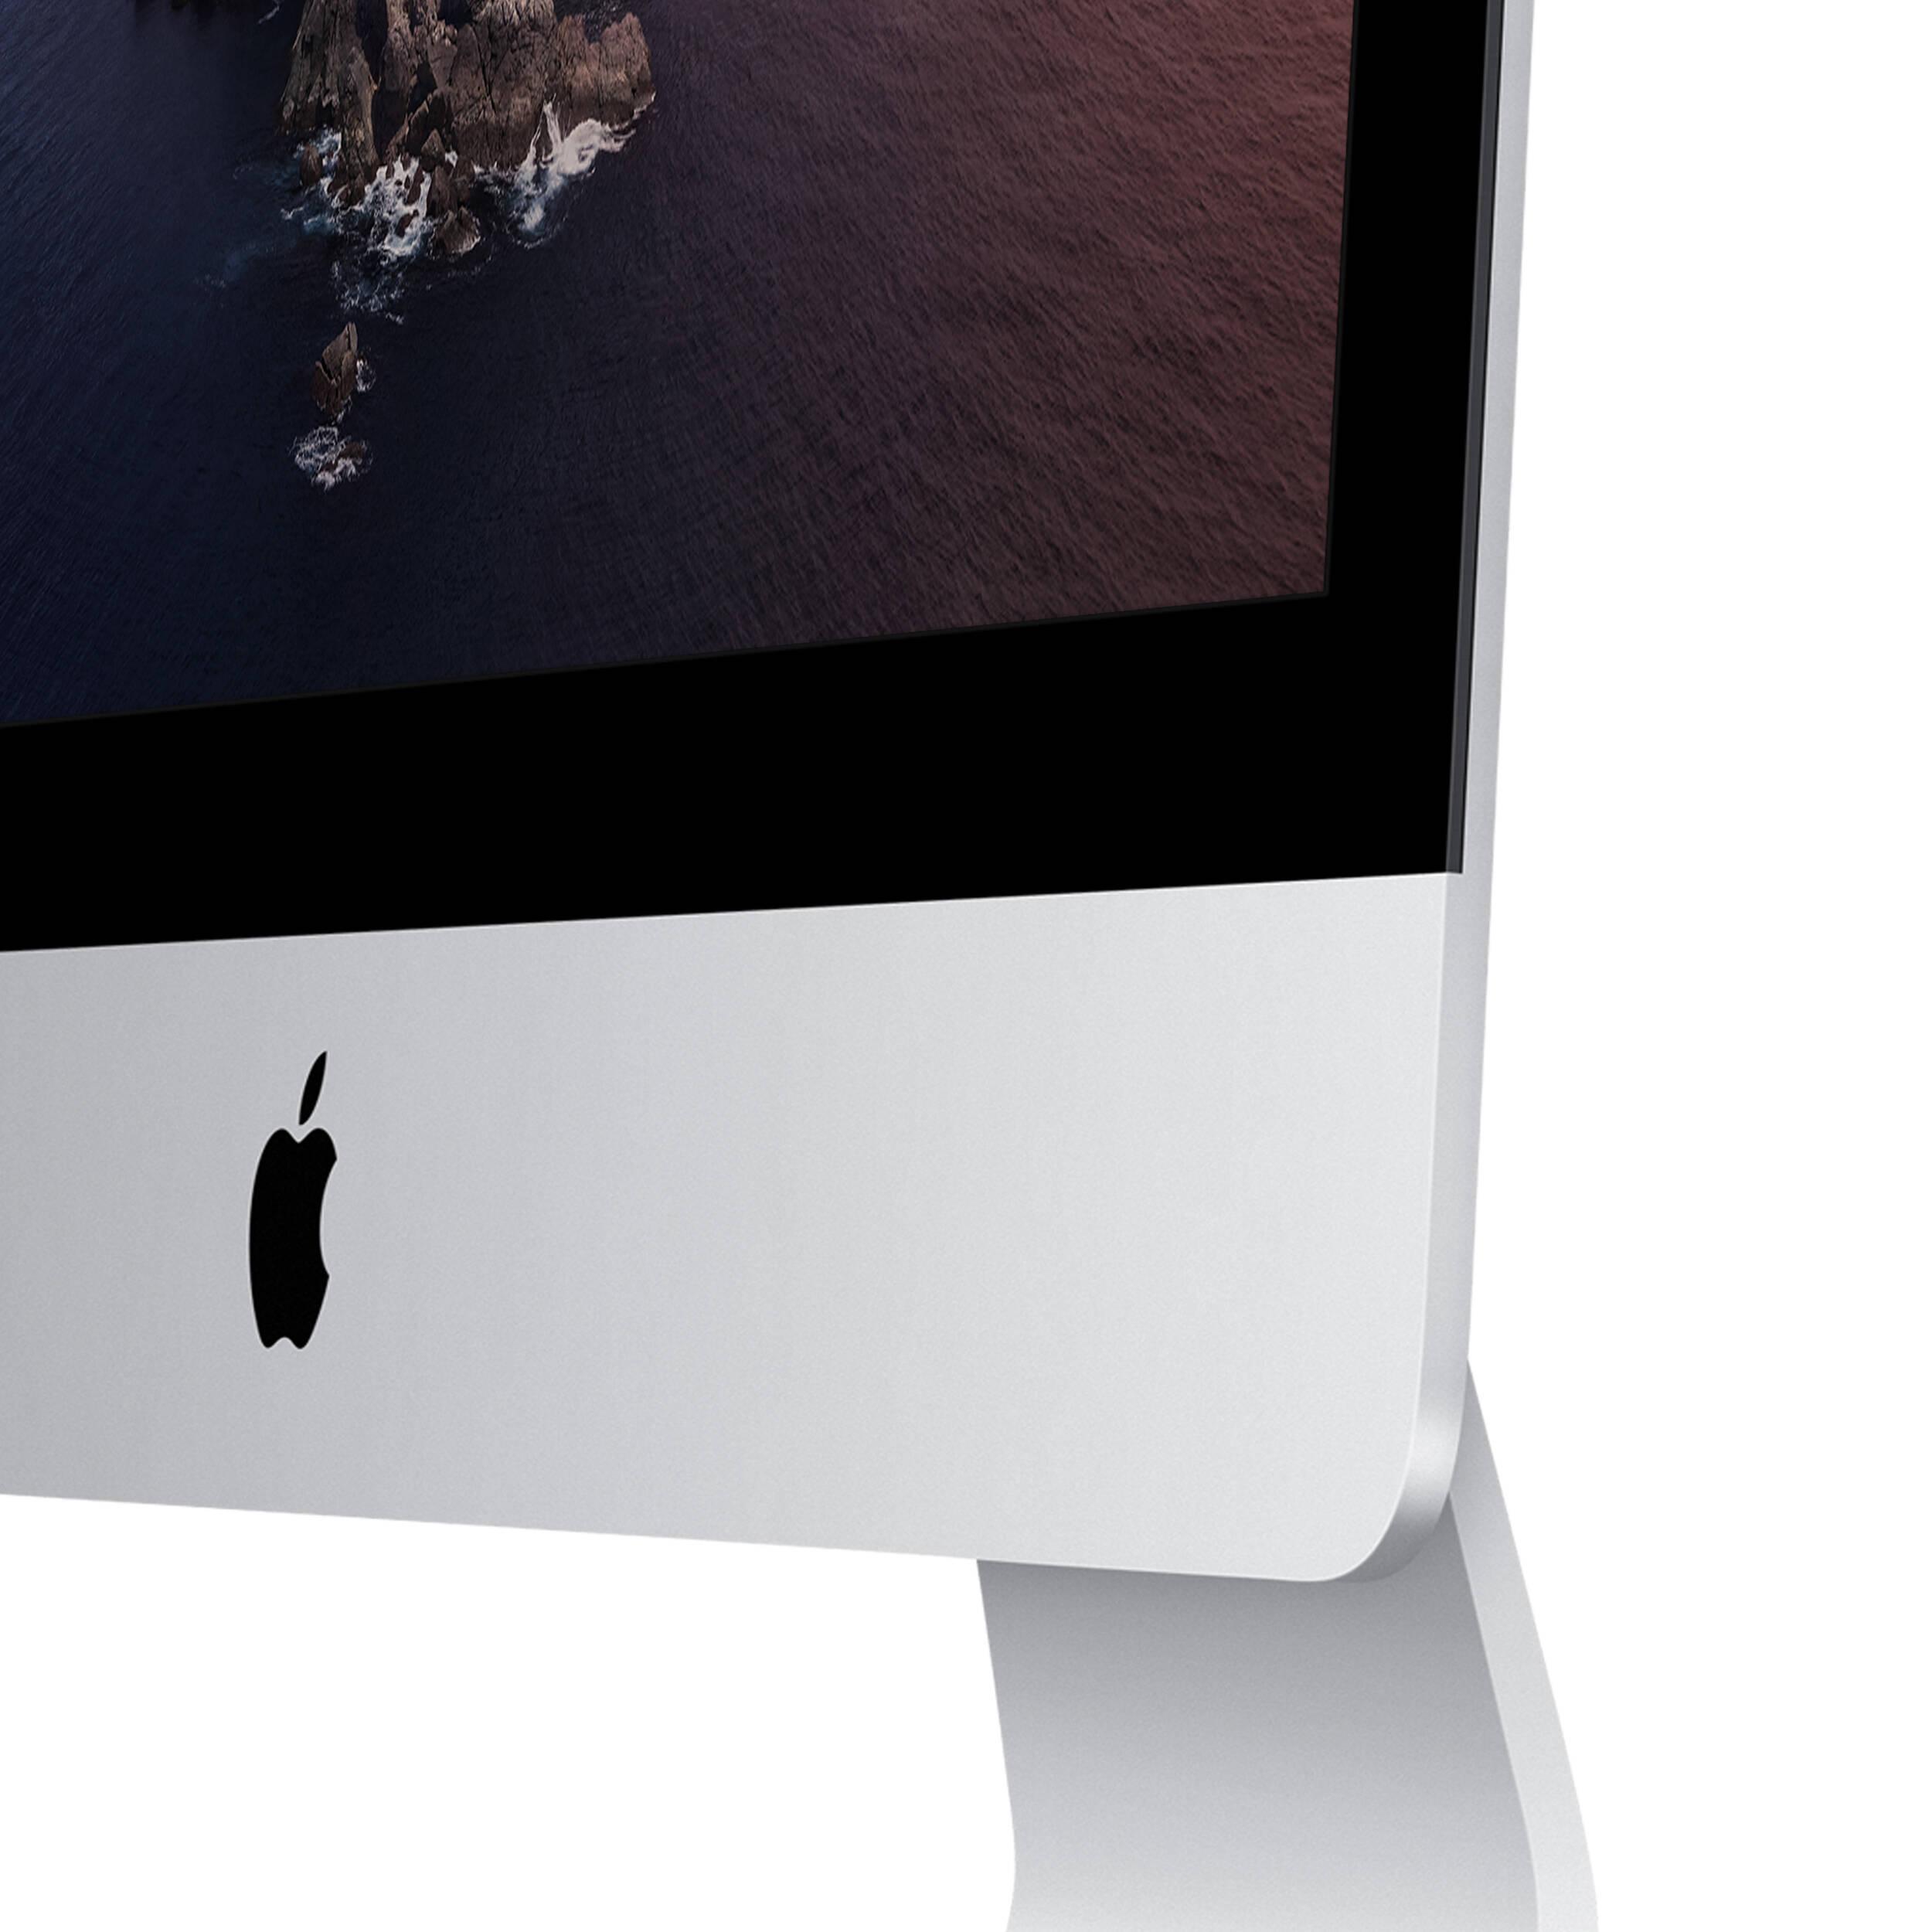 کامپیوتر همه کاره 21.5 اینچی اپل مدل iMac MHK03 2020 main 1 2